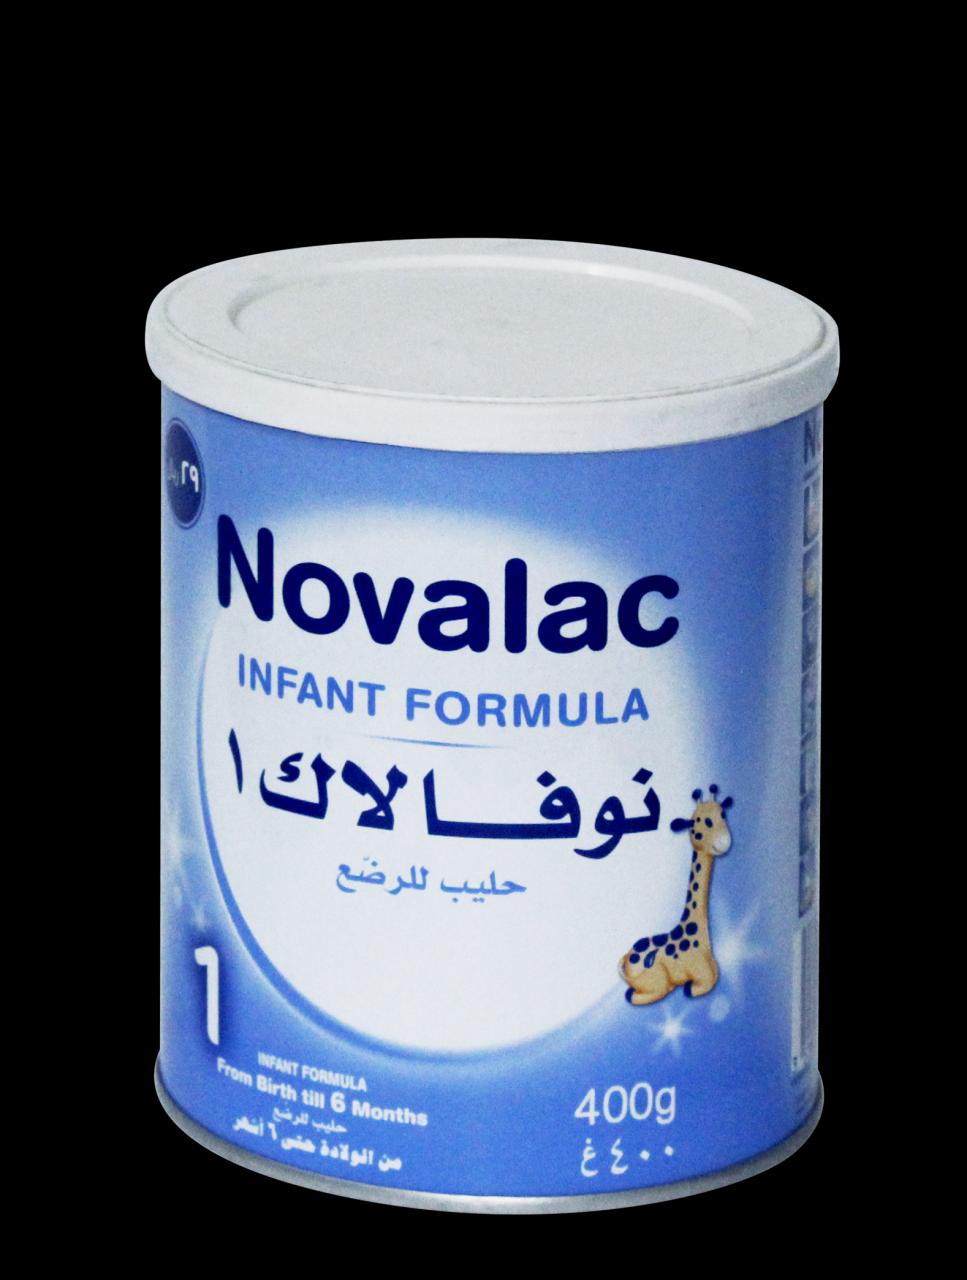 حليب نوفالاك رقم 1 400جم AlHafeez Market